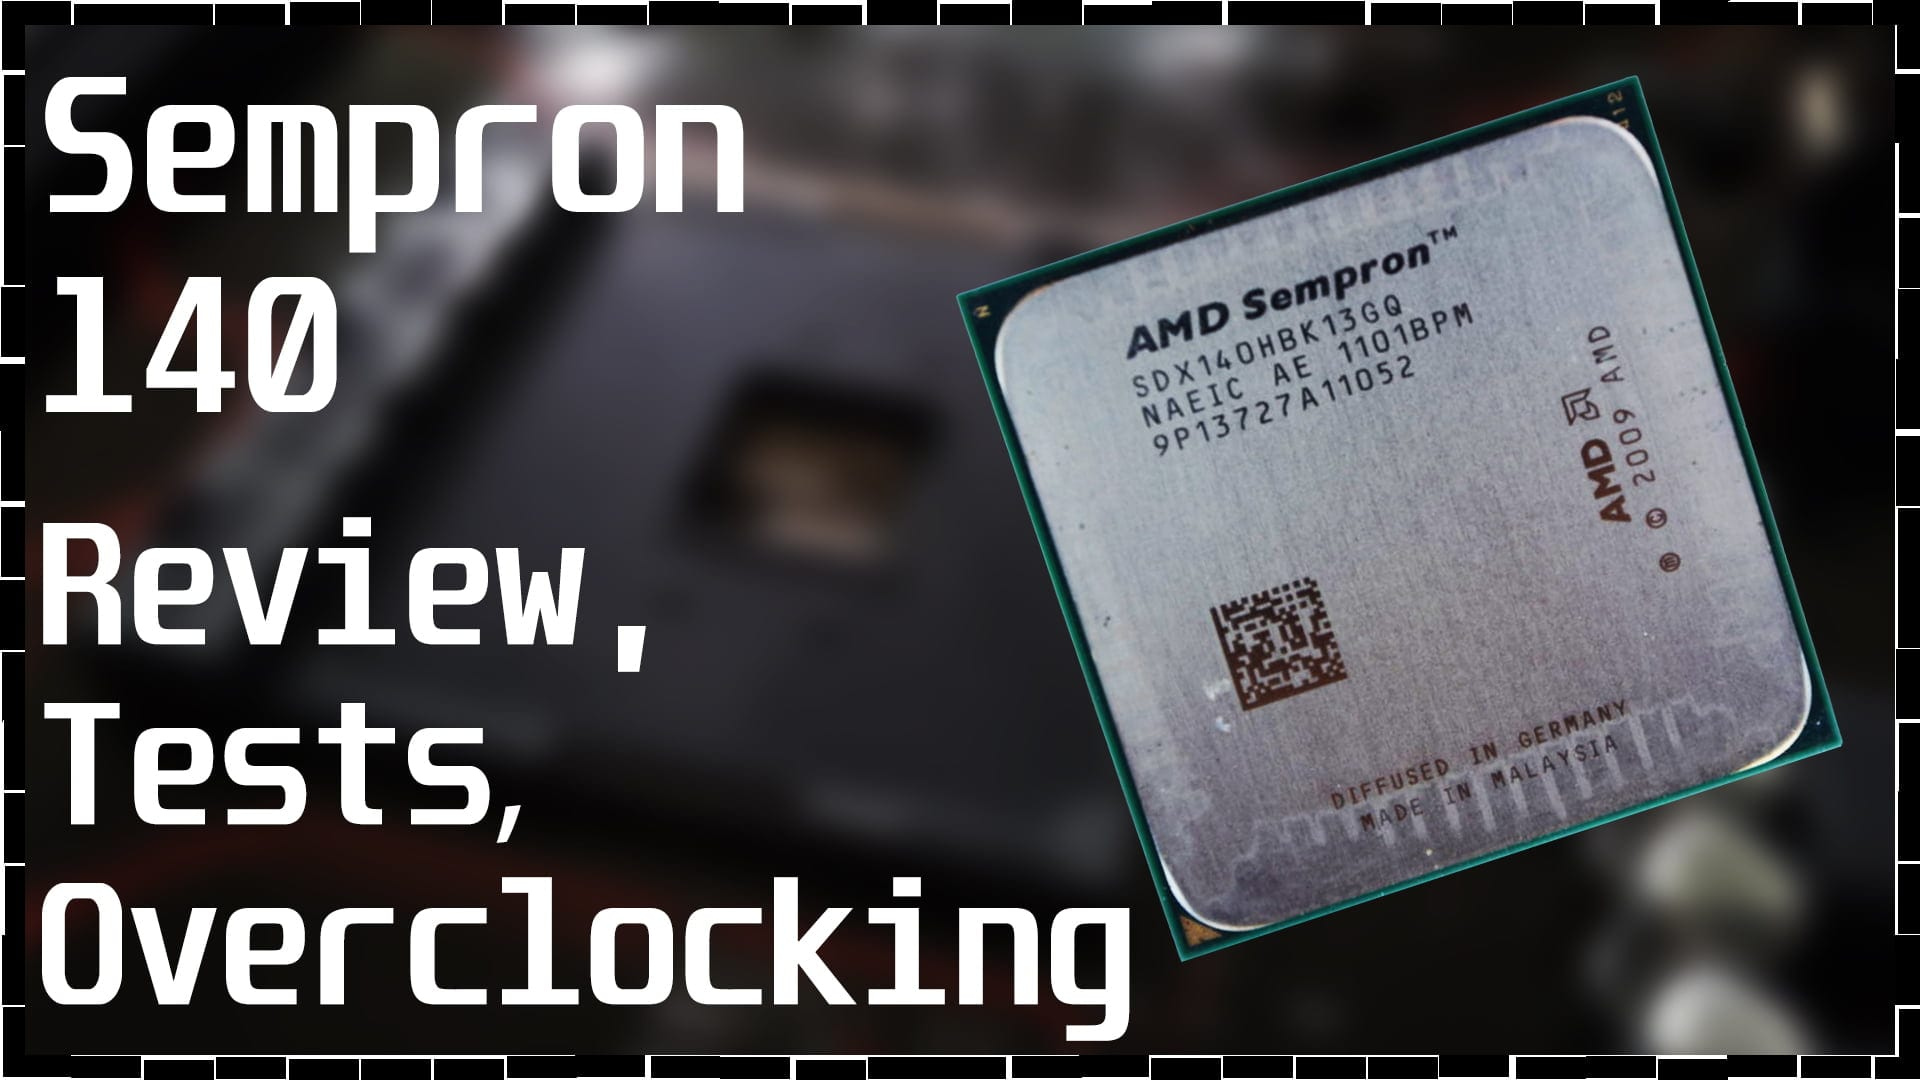 На что способно одно ядро в 2010 году? Обзор, тестирование и разгон AMD Sempron 140